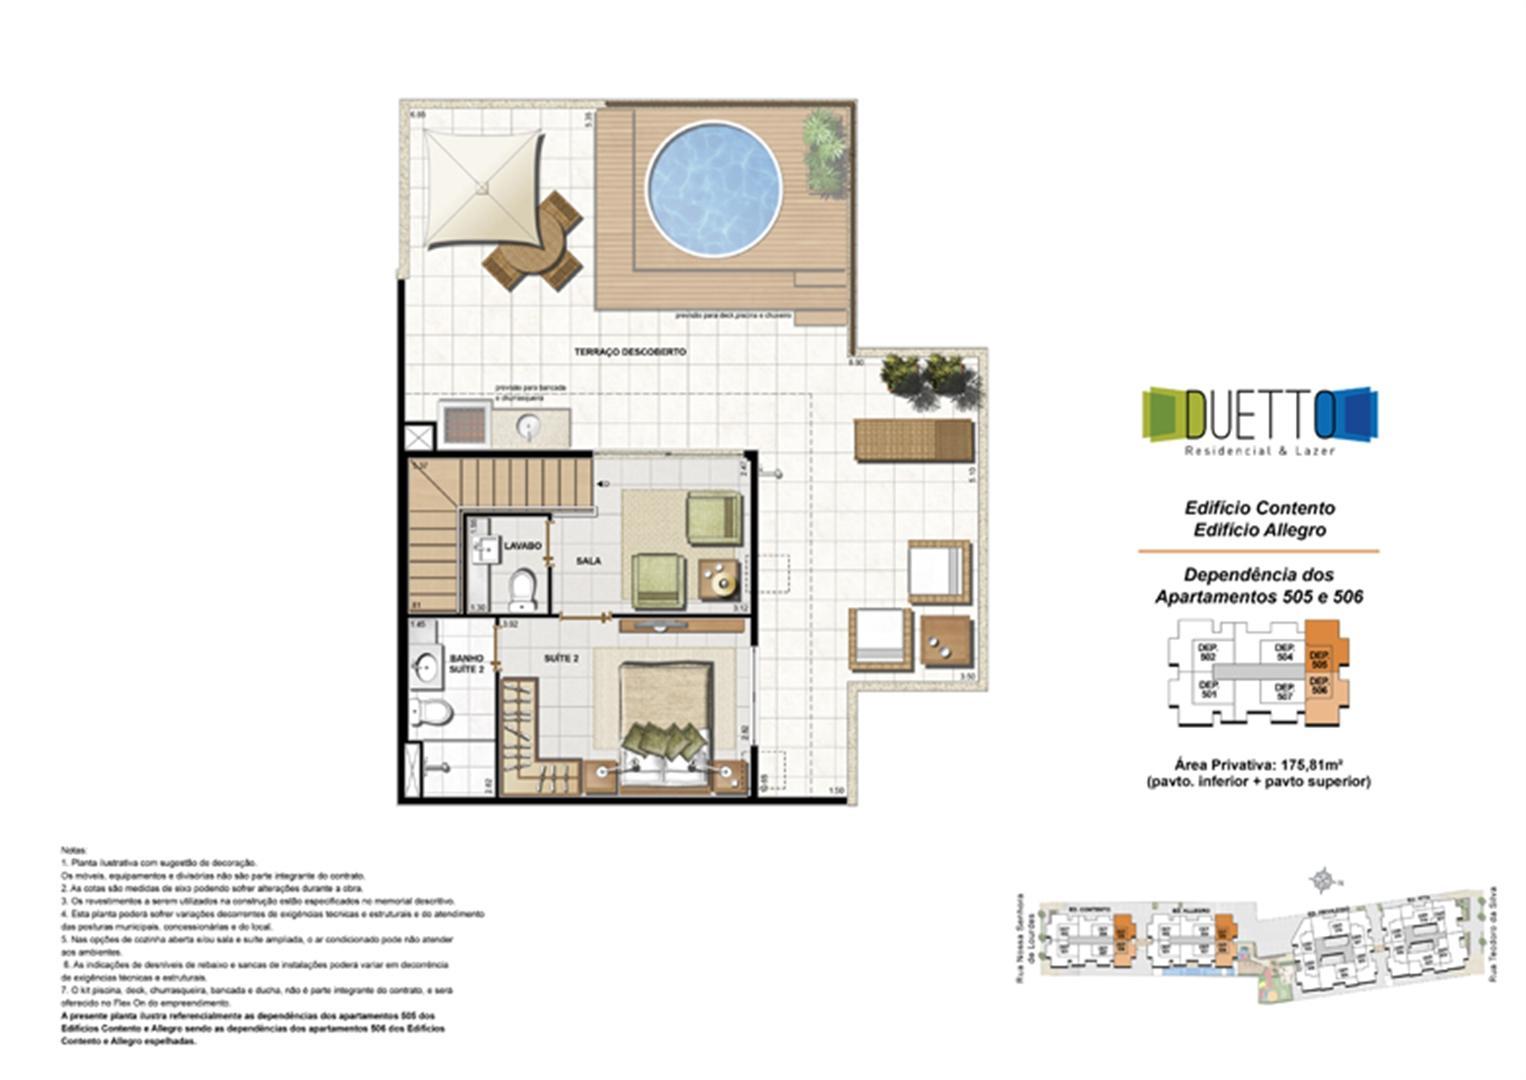 Cobertura Duplex - 3 Quartos com suíte - 175,81m² - pavto Inferior + pavto superior (2) | Duetto Residencial & Lazer – Apartamento no  Grajaú - Rio de Janeiro - Rio de Janeiro